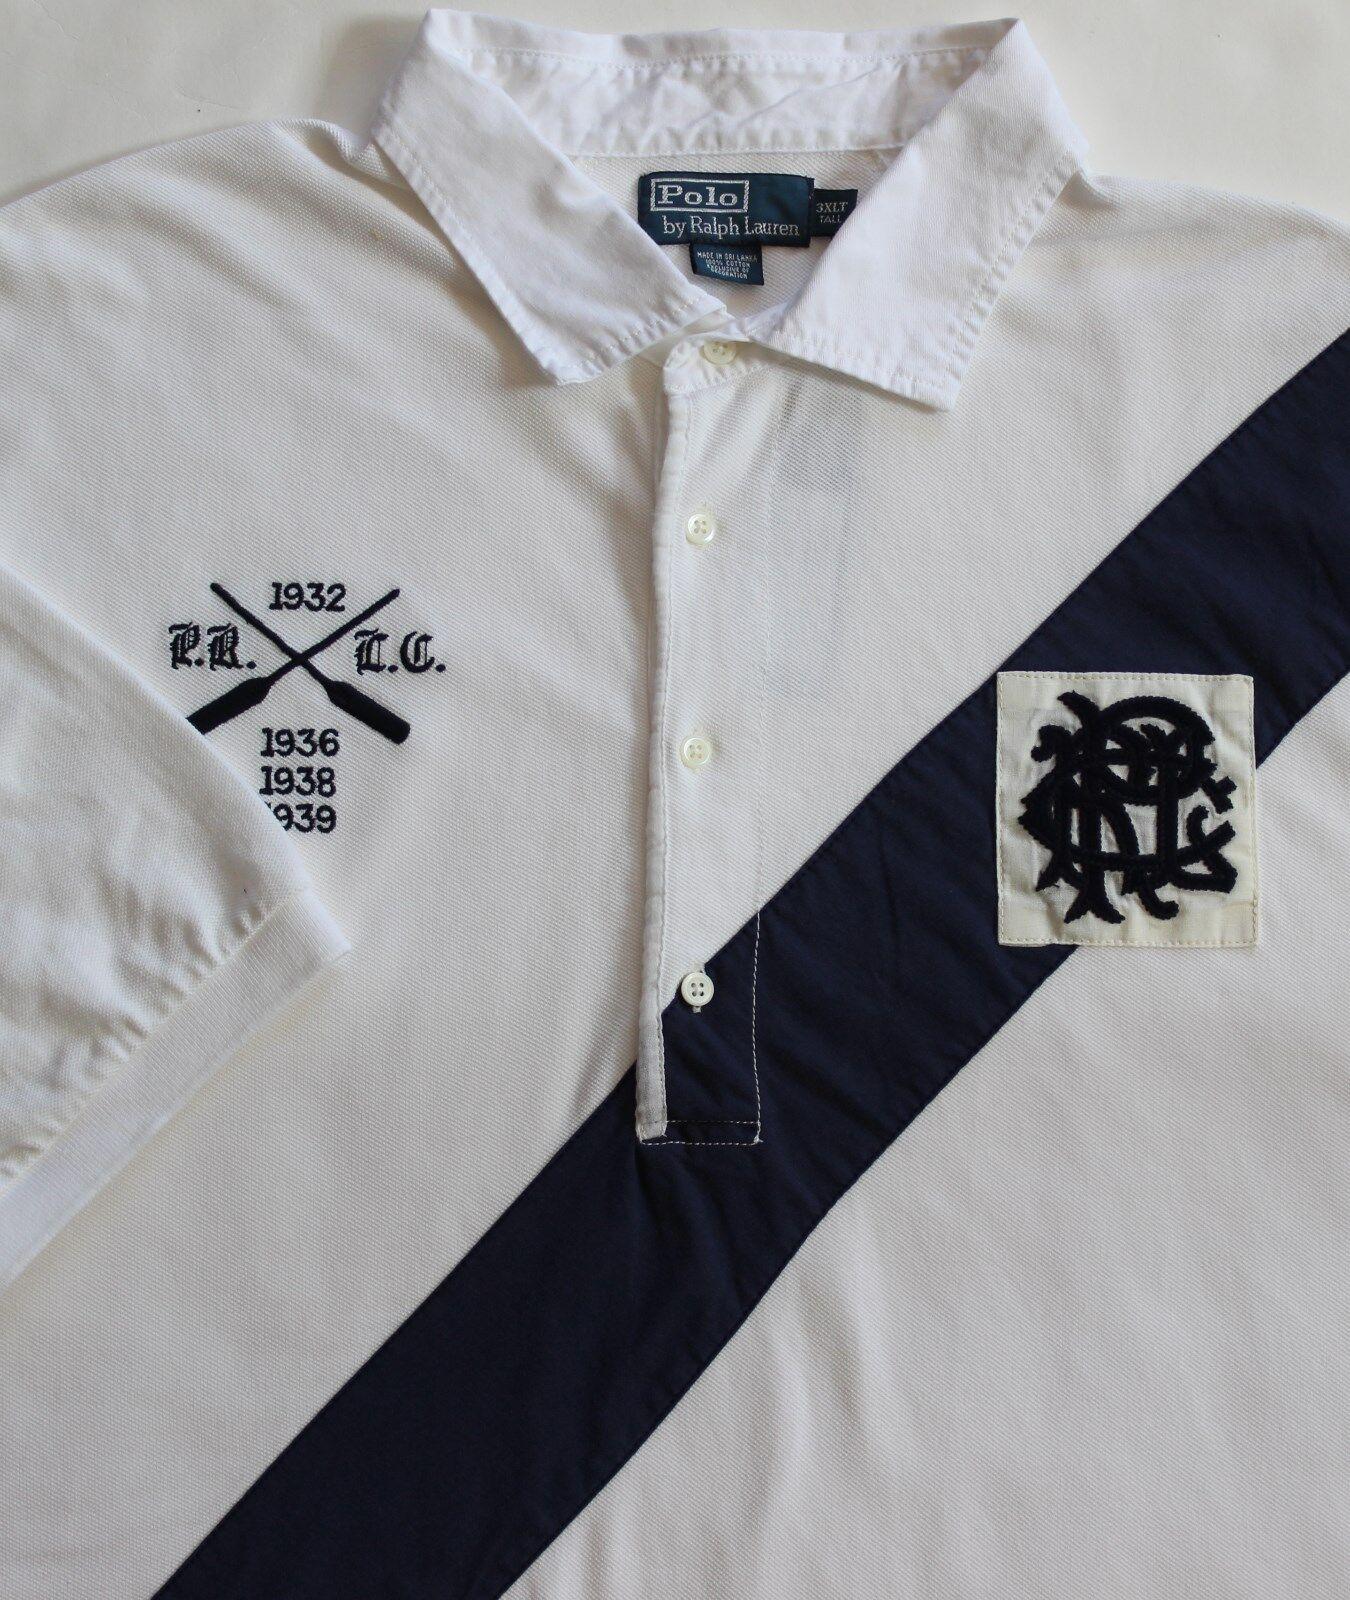 Neu Polo Ralph Lauren Weiß Logo Rudern Schärpe Baumwolle Rugby Top   Xlt     | Schön und charmant